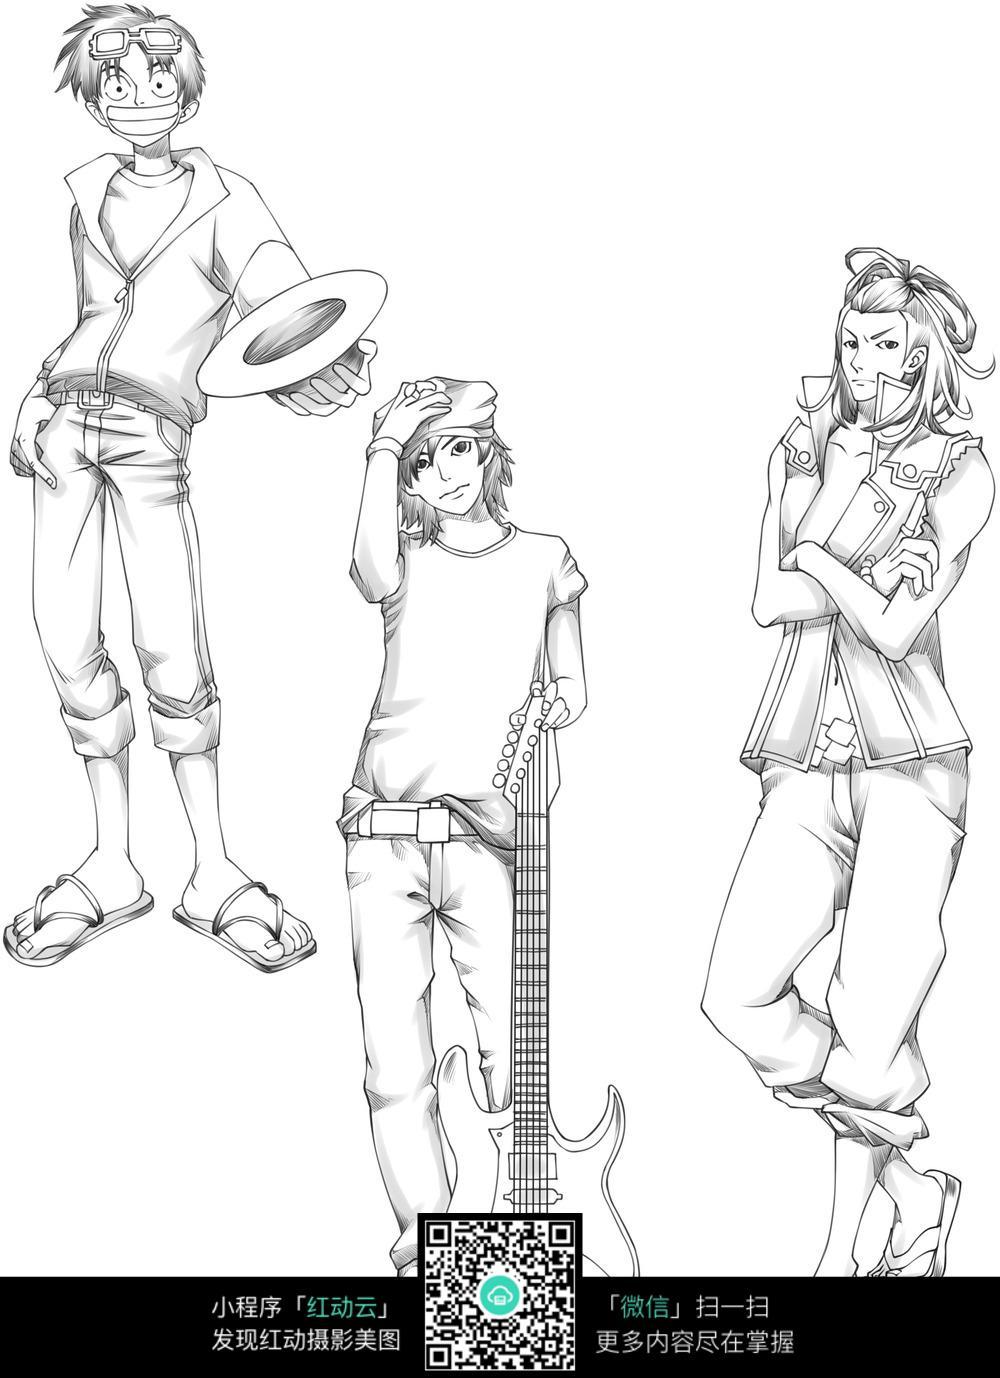 个性男孩卡通手绘线稿